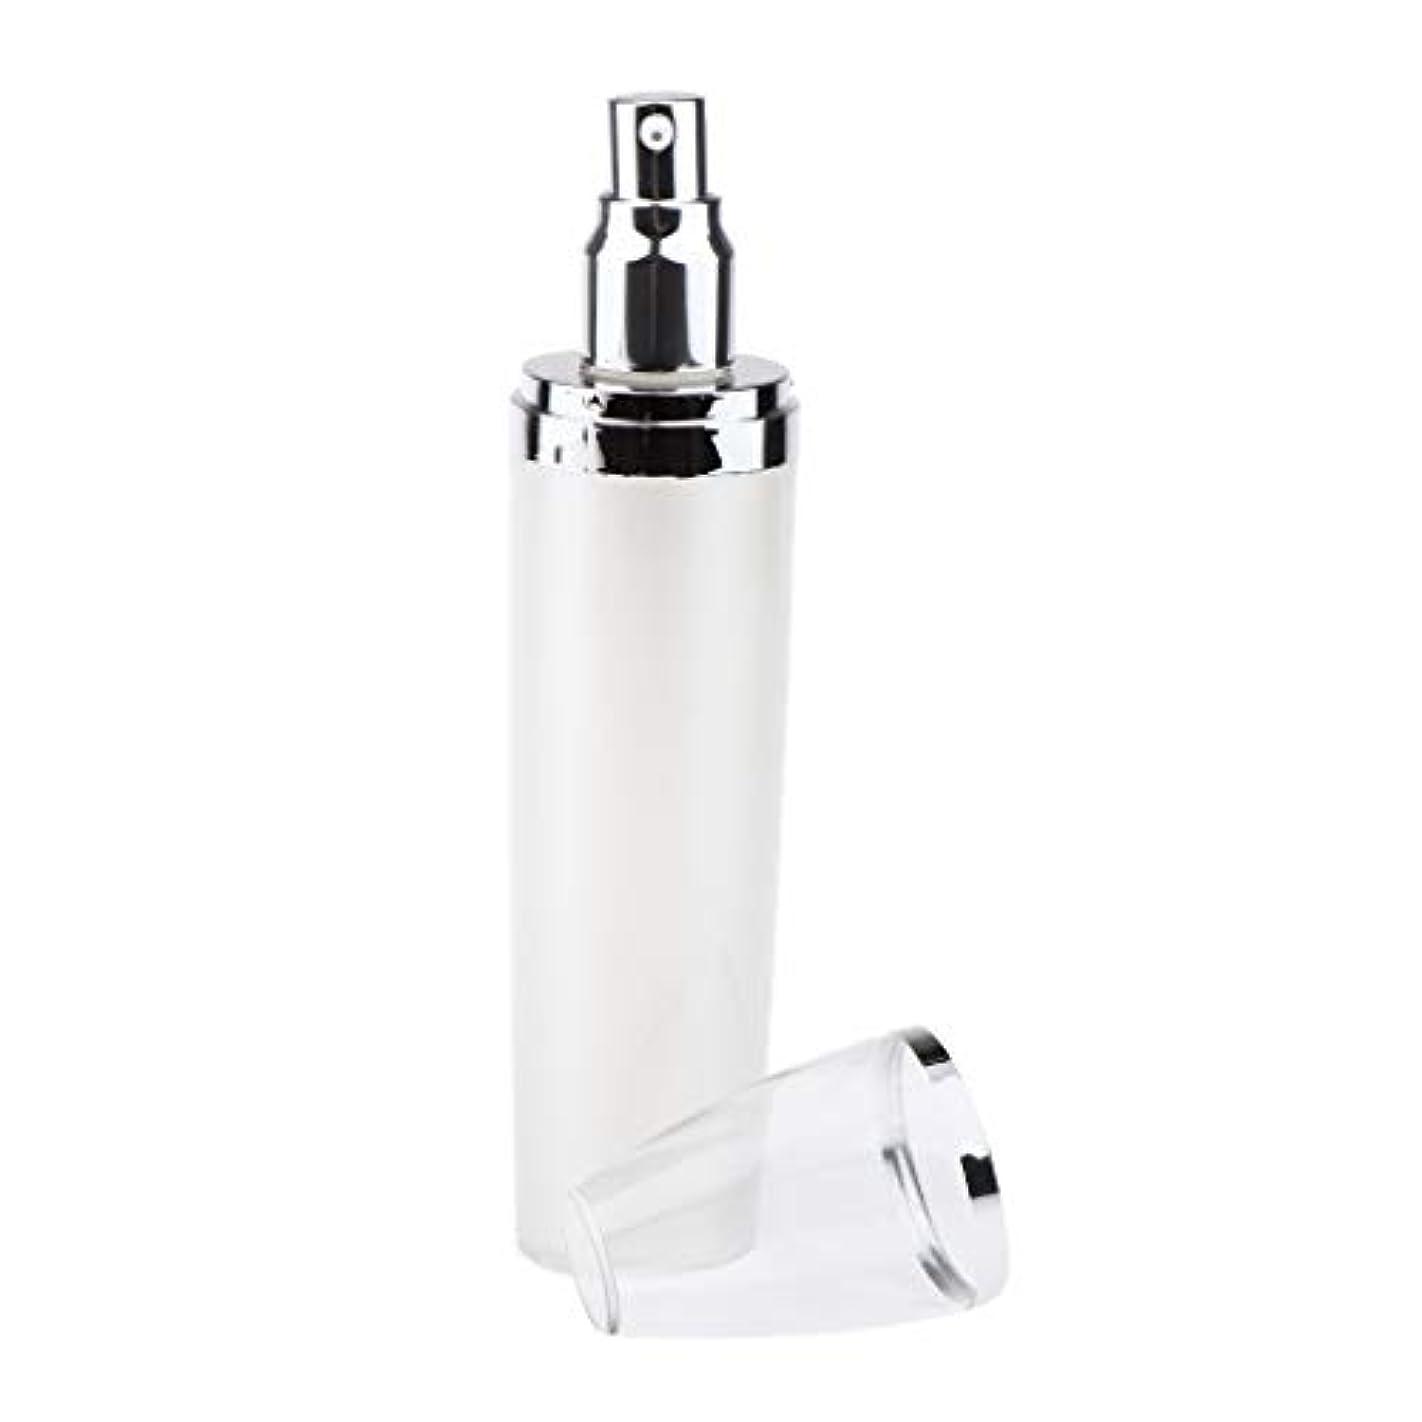 野望オプショナル前文Perfeclan 詰替え容器 ポンプボトル 空 化粧品ボトル ディスペンサーボトル 漏れ防止 全4サイズ - 100ミリリットル